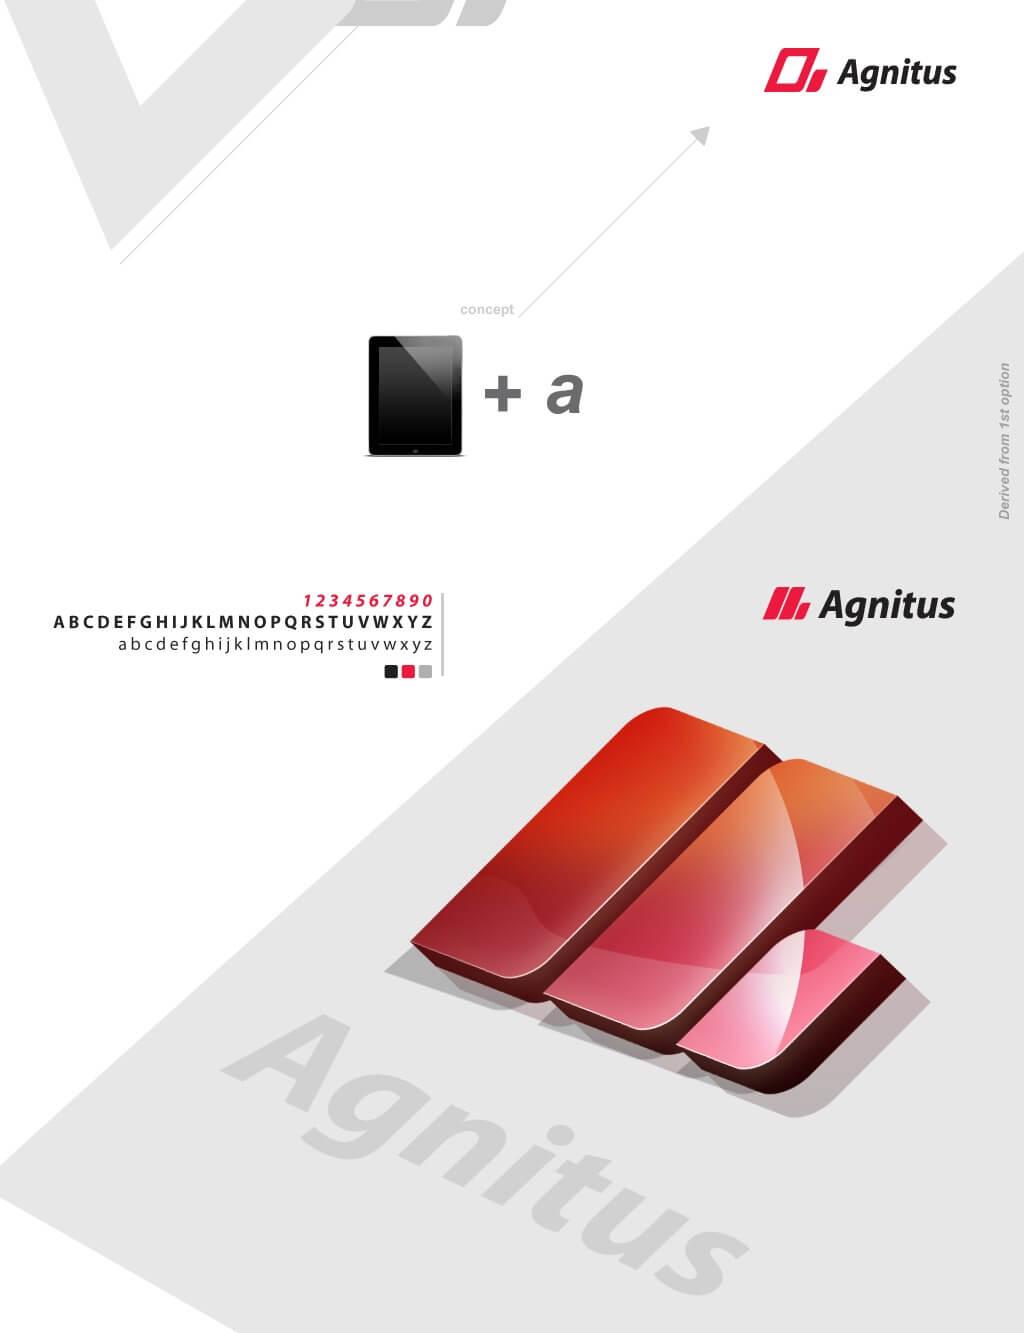 Agnitus logo - Presentation 01 by yellywoo